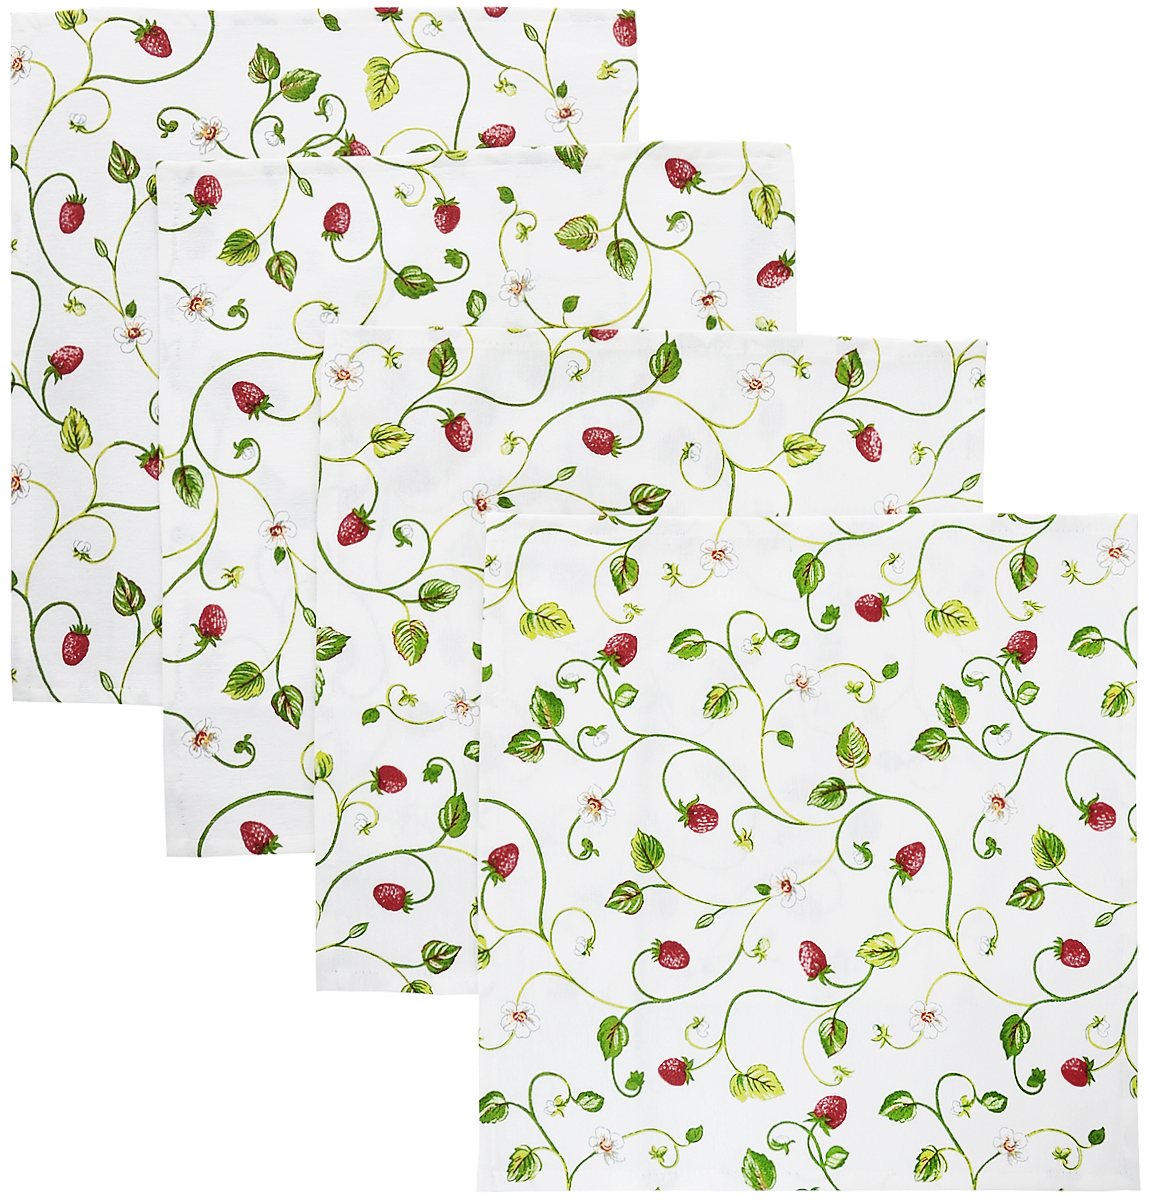 Набор сервировочных салфеток Kauffort Флора, 32 x 32 см, 4 штVT-1520(SR)Набор Kauffort Флора, изготовленный из 75% хлопка и 25% полиэстера, состоит из четырех сервировочных салфеток. Изделия имеют оригинальный дизайн. Салфетки защищают поверхность стола от воздействия температур, влаги и загрязнений, а также украшают интерьер. Размер салфетки: 32 х 32 см.